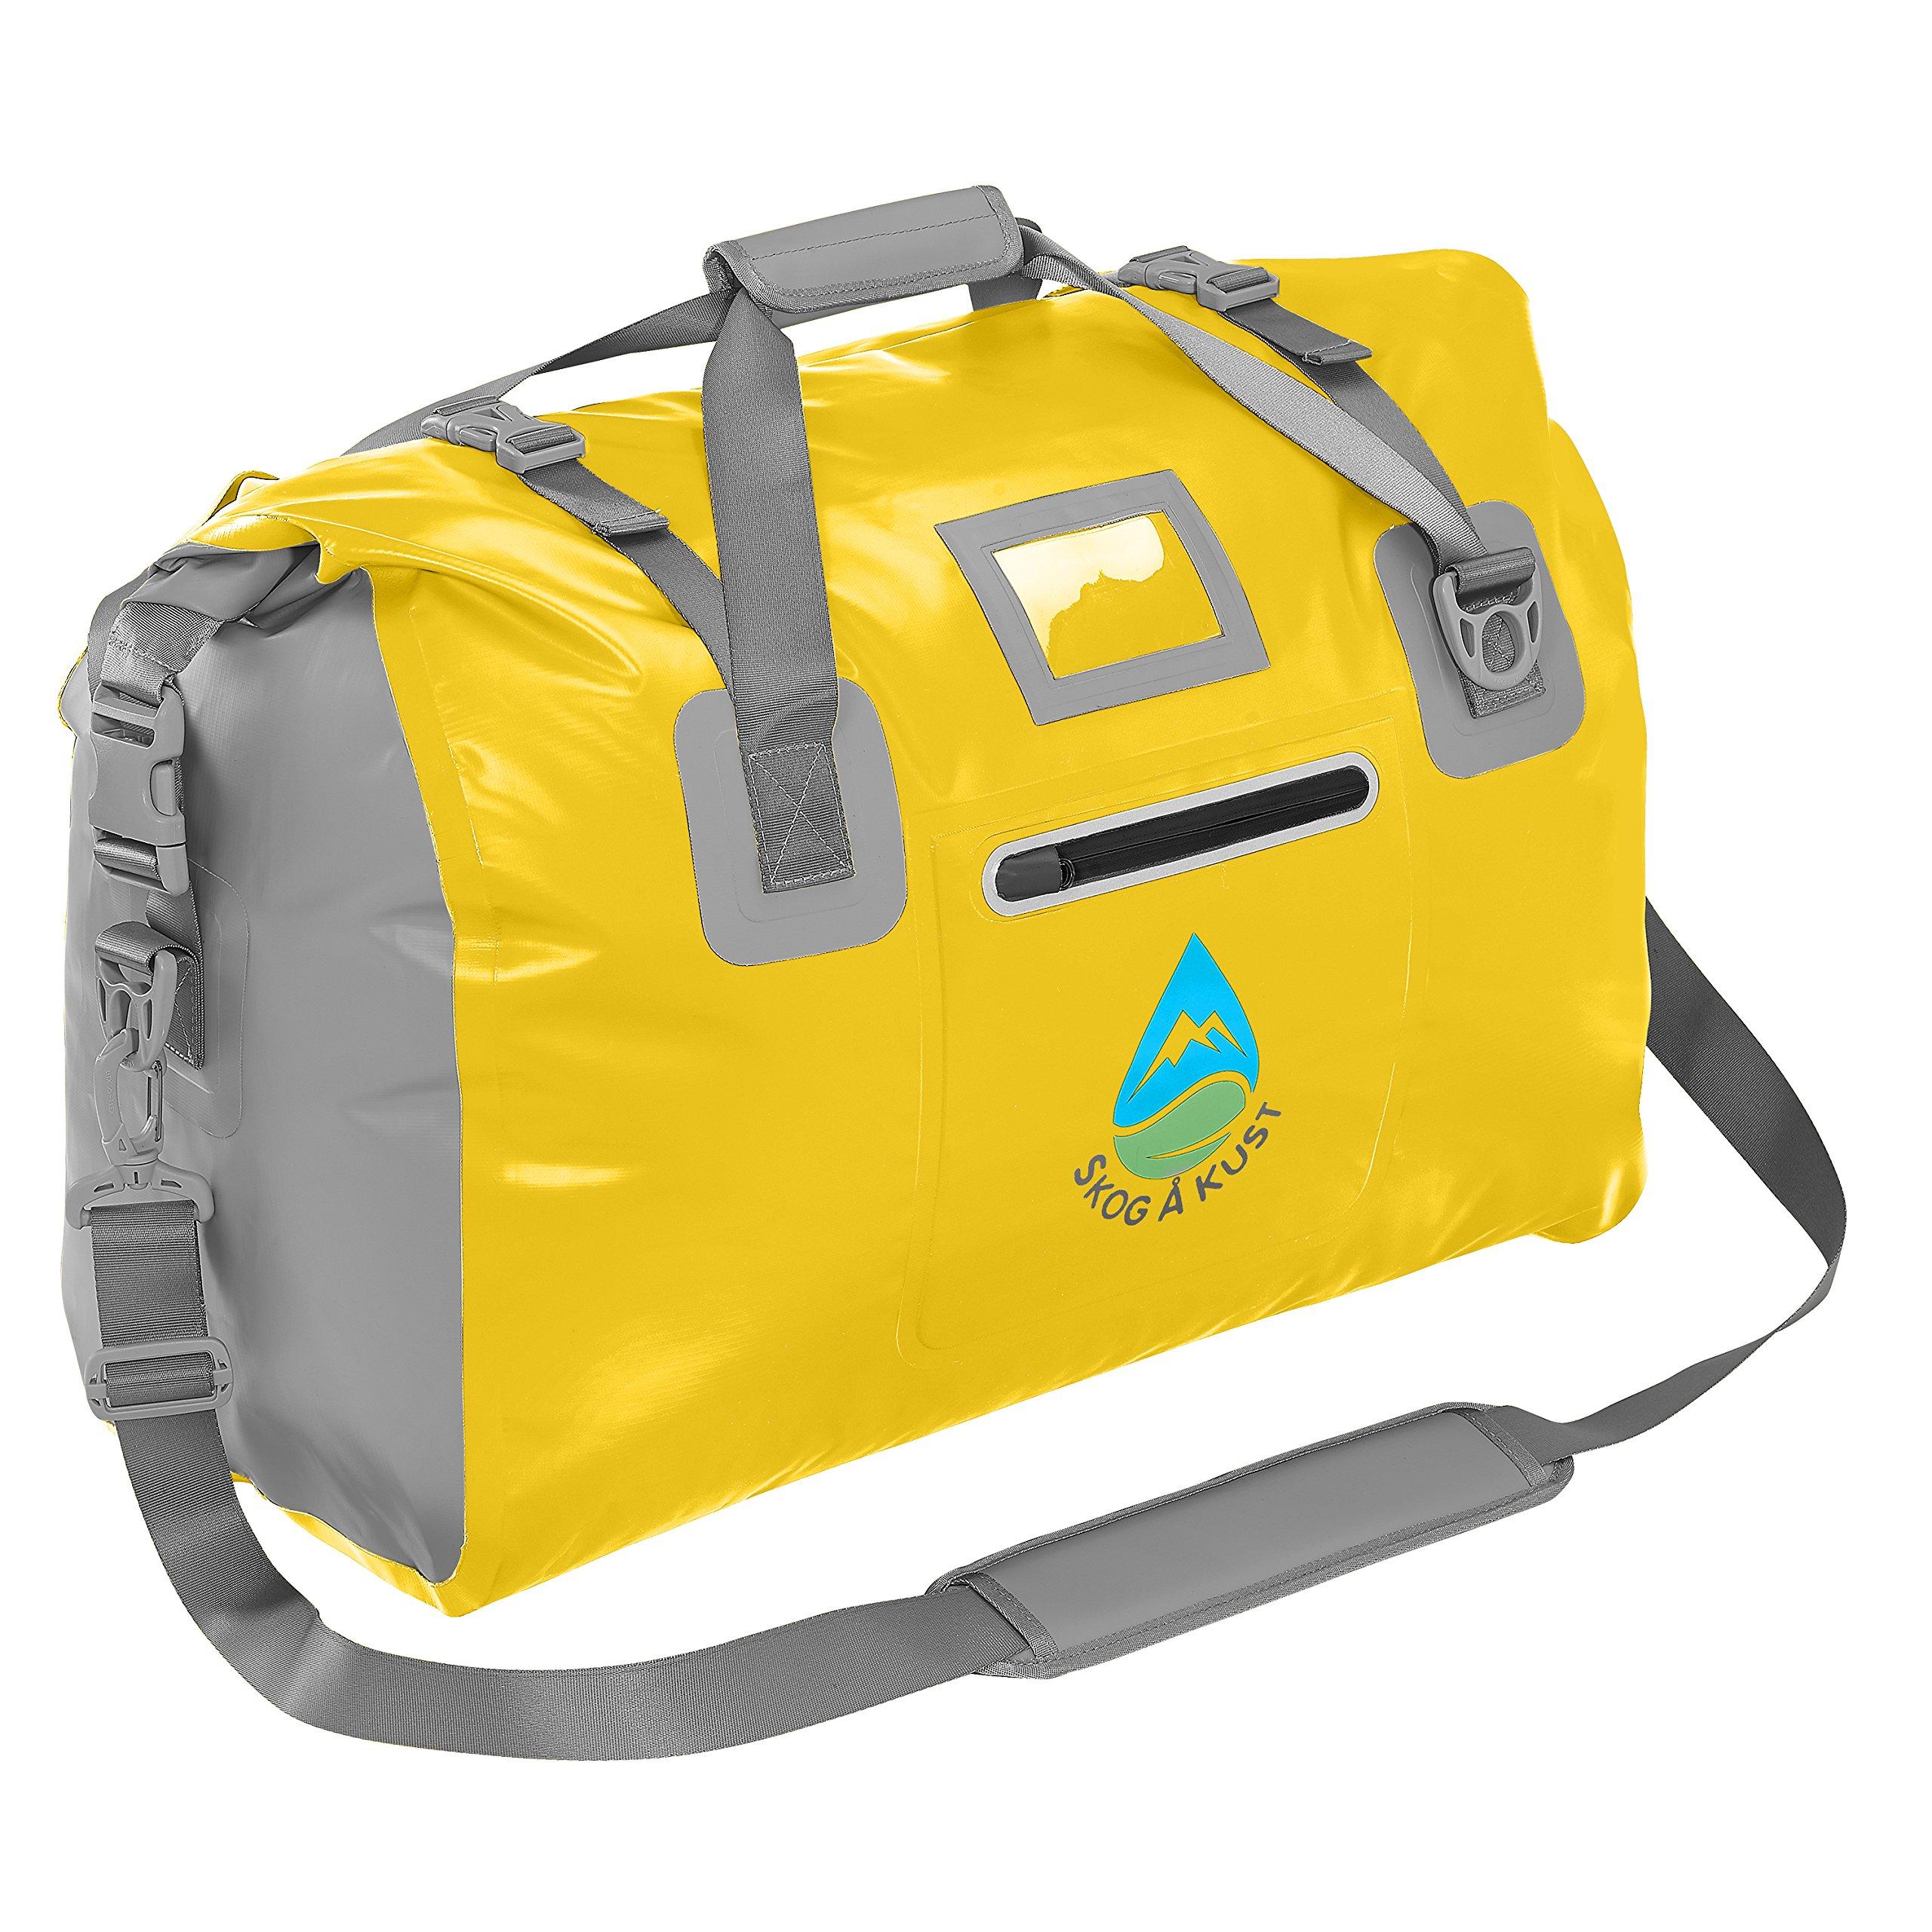 Skog Å Kust DuffelSak Waterproof Duffel Bag | 40L Yellow by Skog Å Kust